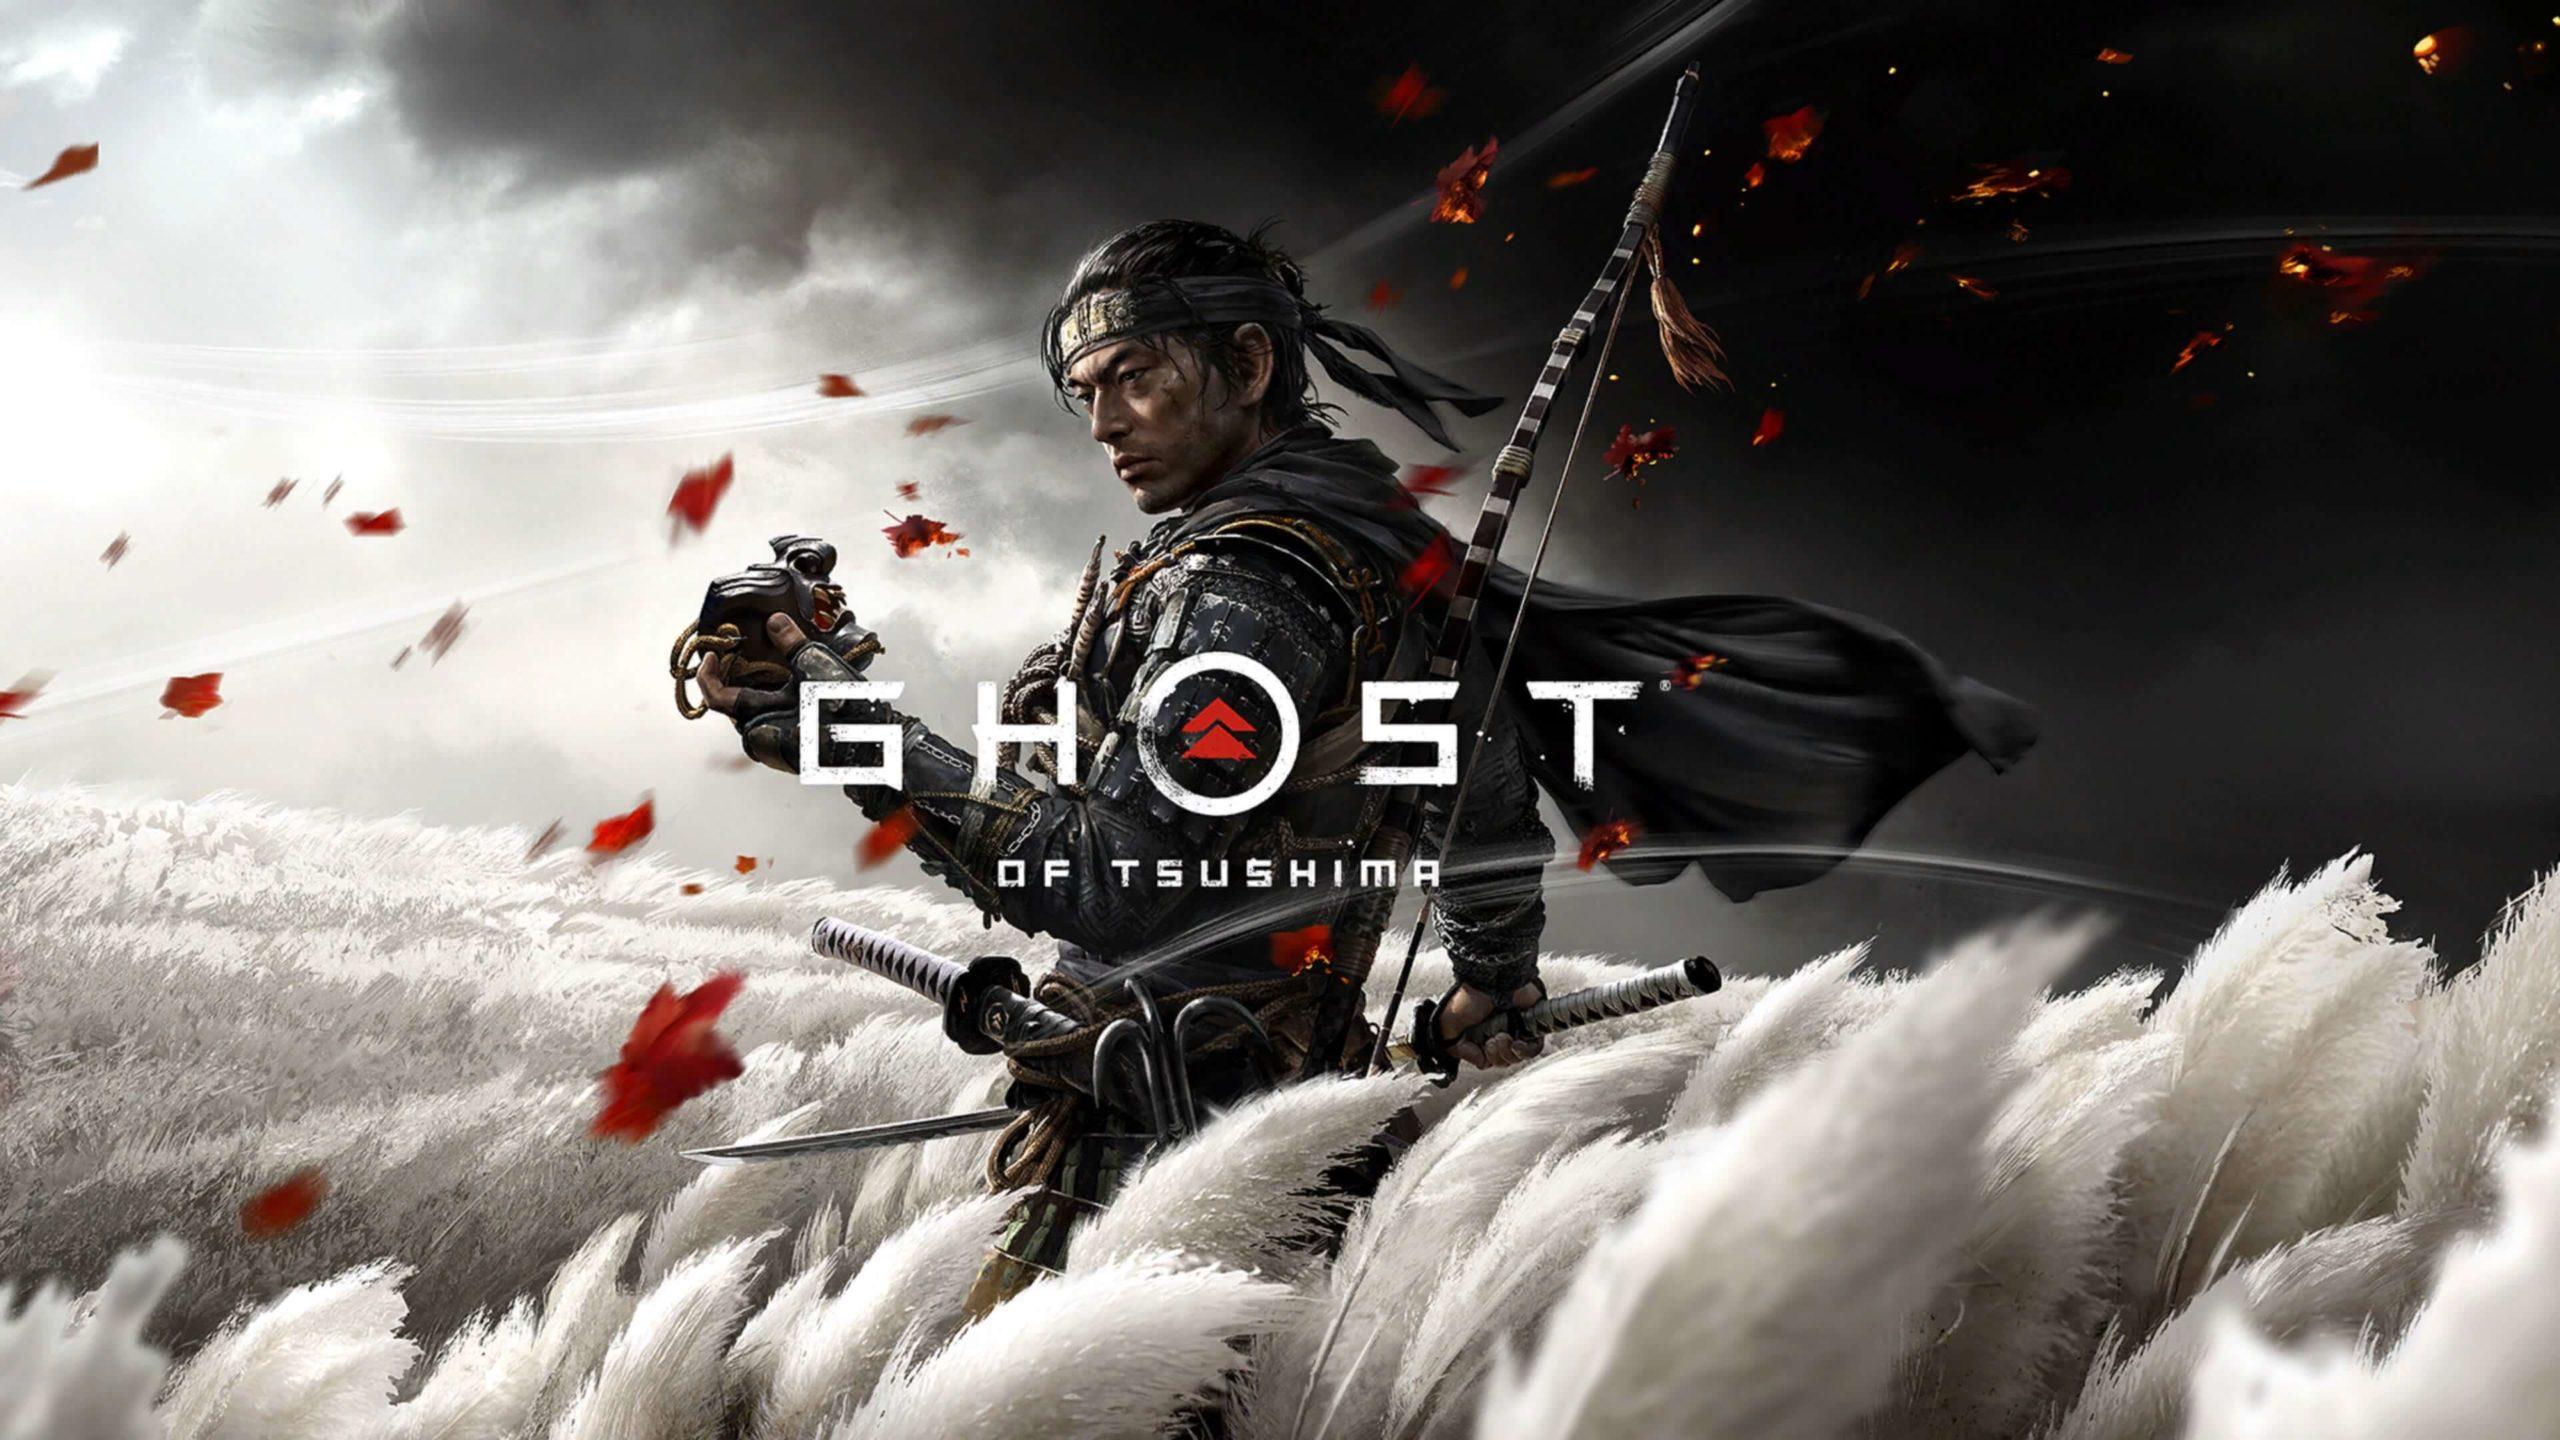 PS4版ソフト「Ghost Of Tsushima (ゴースト・オブ・ツシマ)」。ストーリーのみならず、美しい自然描写と、それを収める「フォトモード」が素晴らしかった件